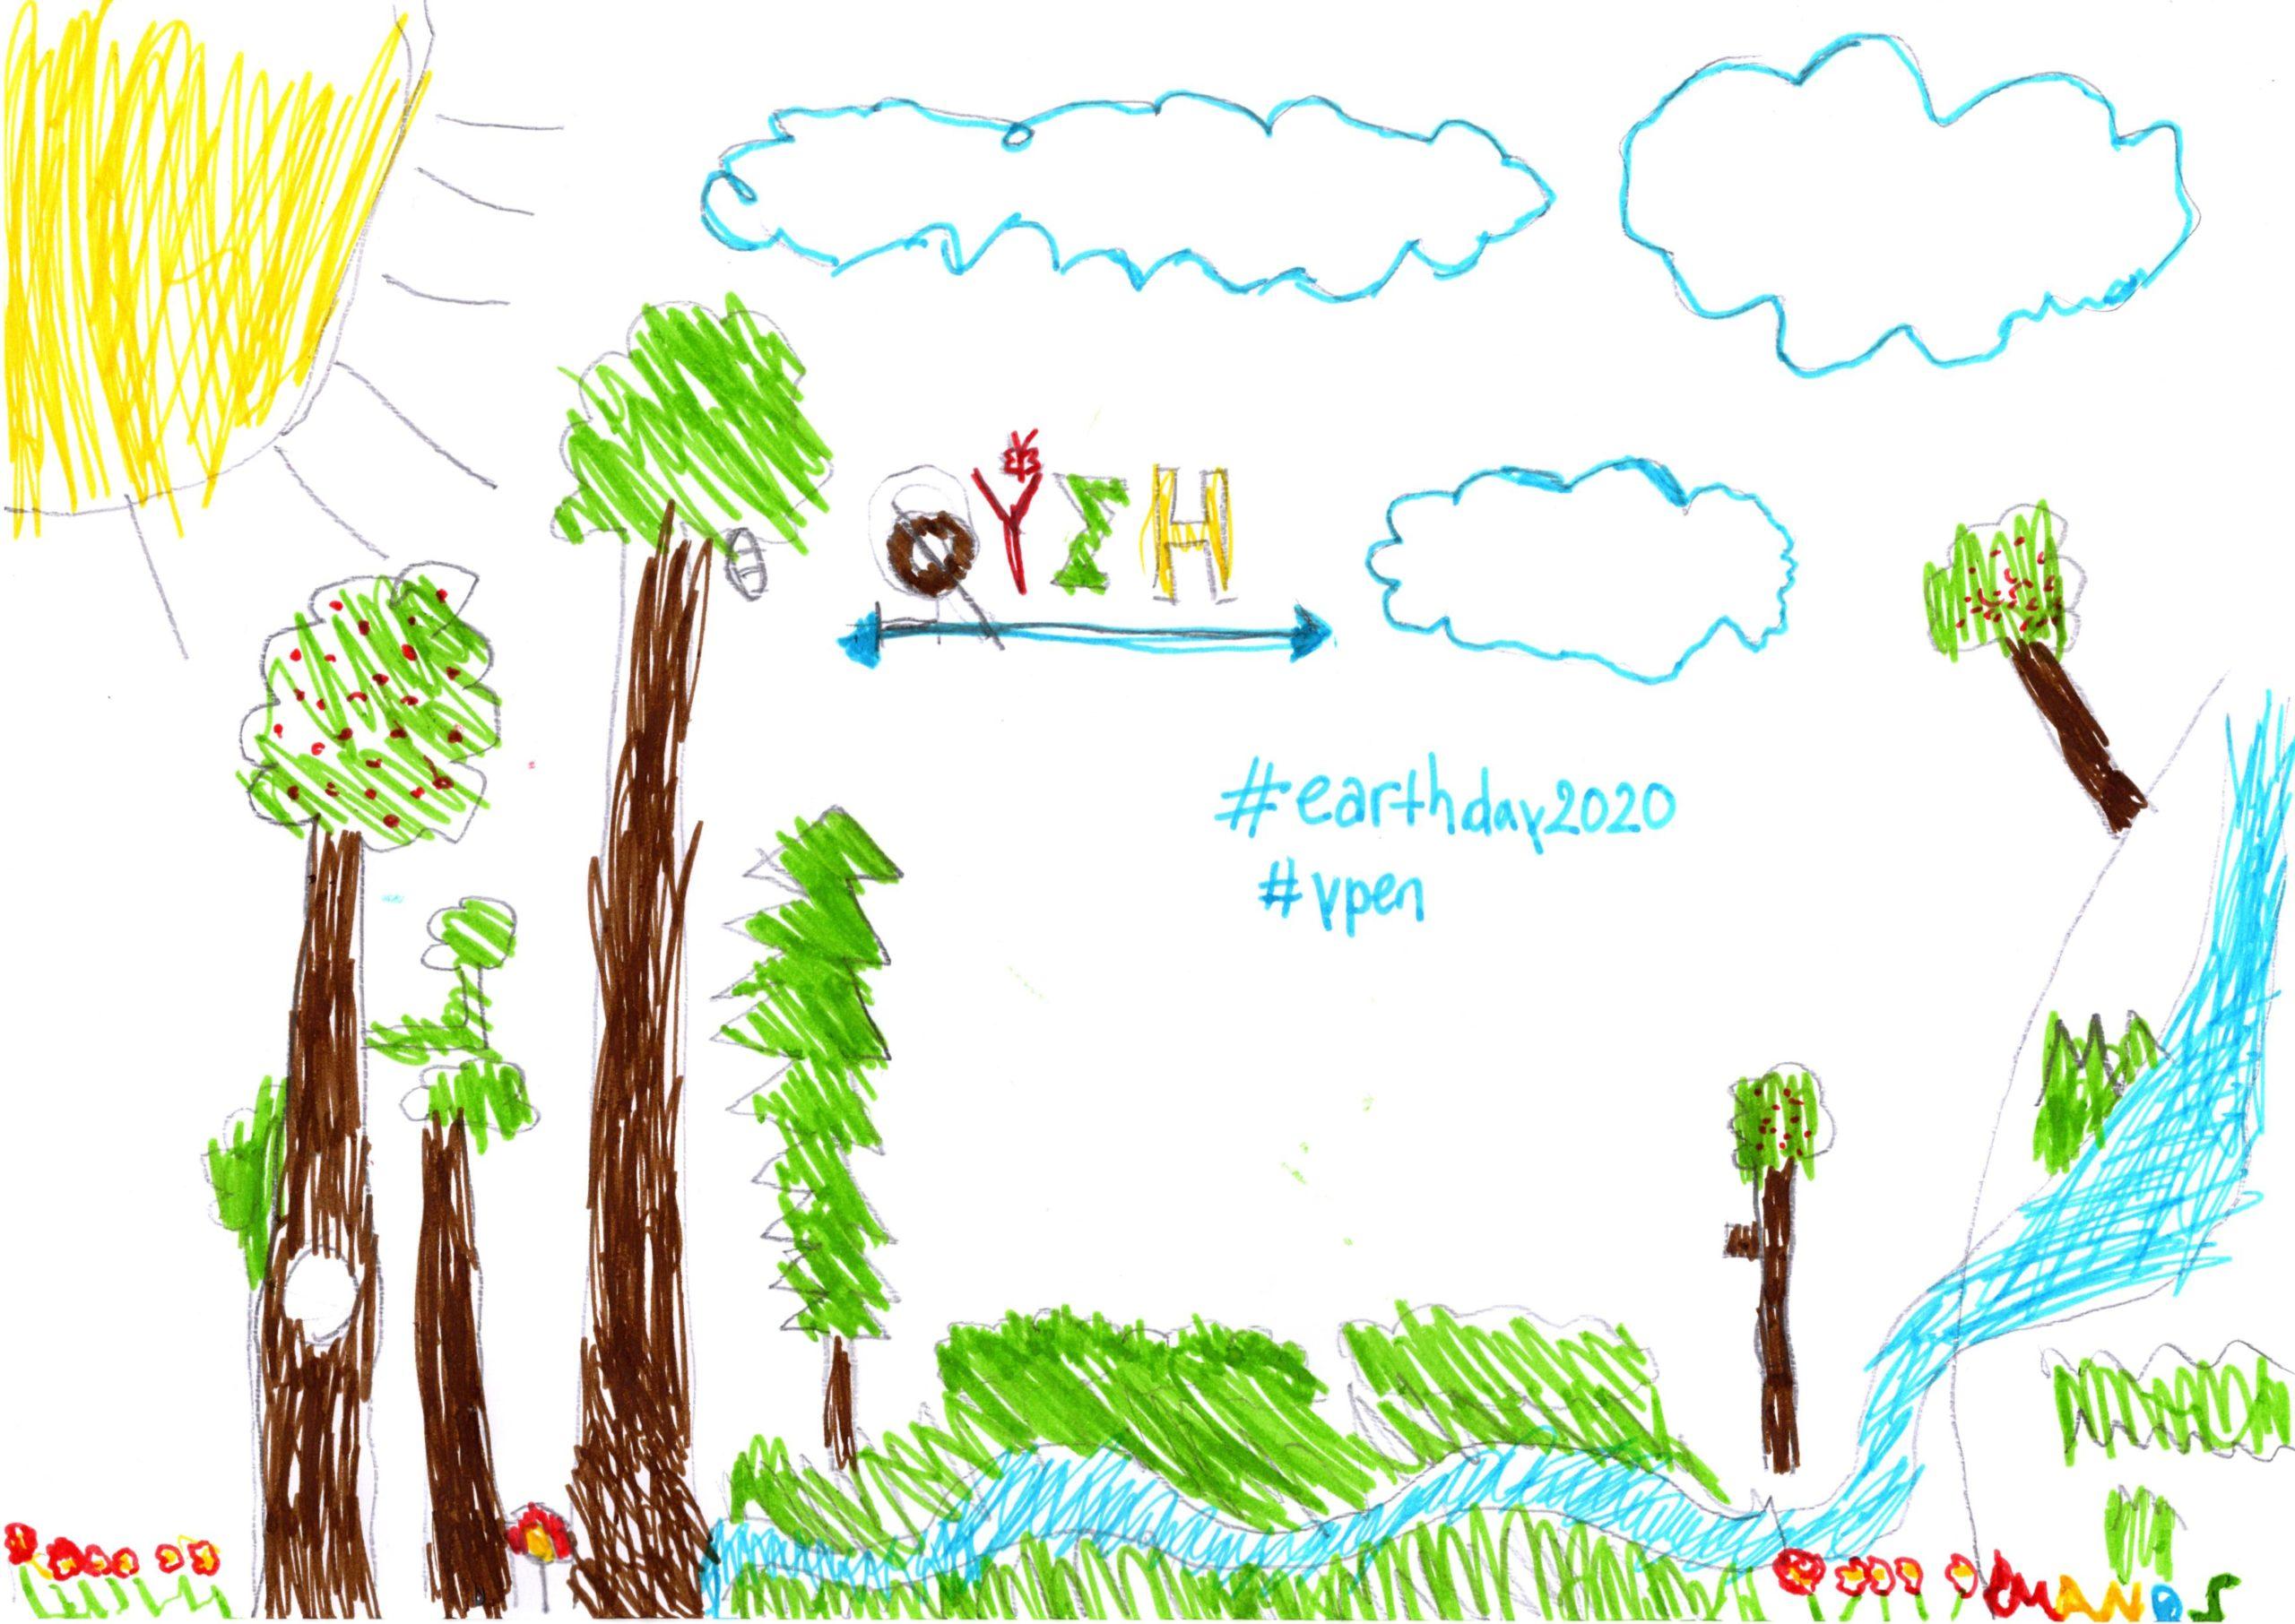 Παγκόσμια Ημέρα της Γης 2020 - Μάνος Μαστρογιάννης